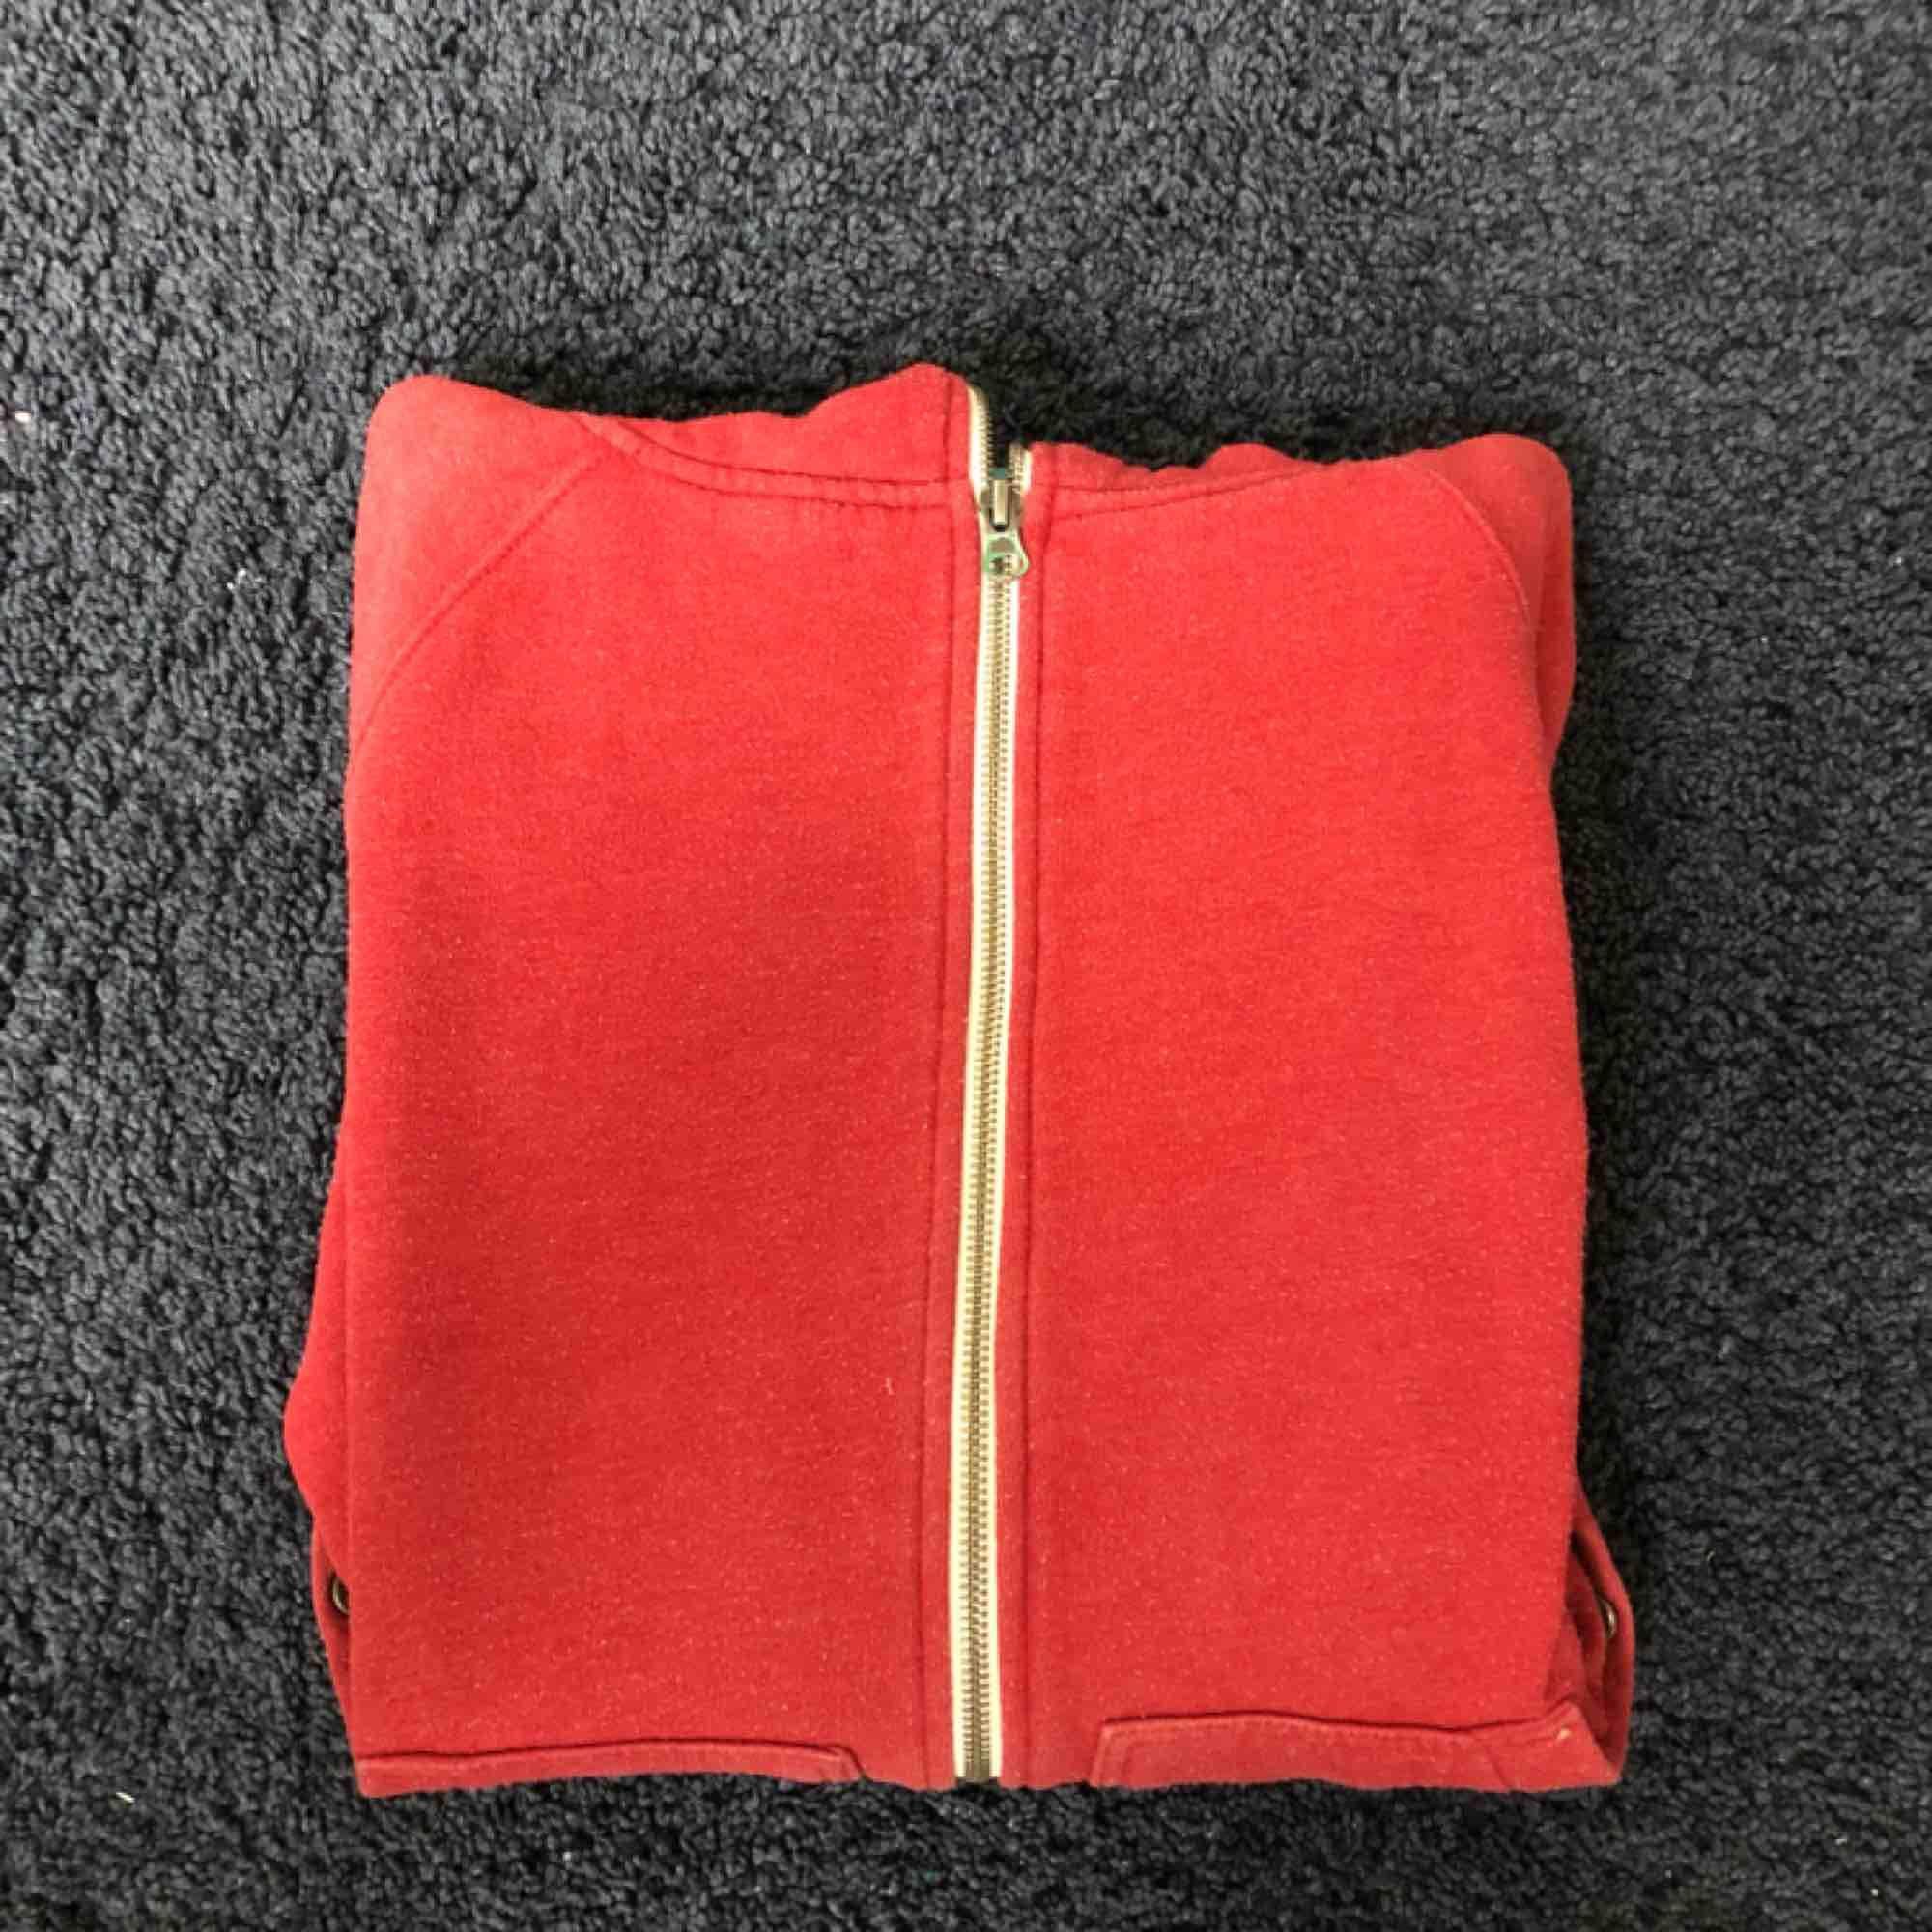 Warp hoodie. Dragkedjan dras väldigt högt upp vilket är väldigt skyggt. Den är precis som ny inga defekter eller liknande. . Tröjor & Koftor.